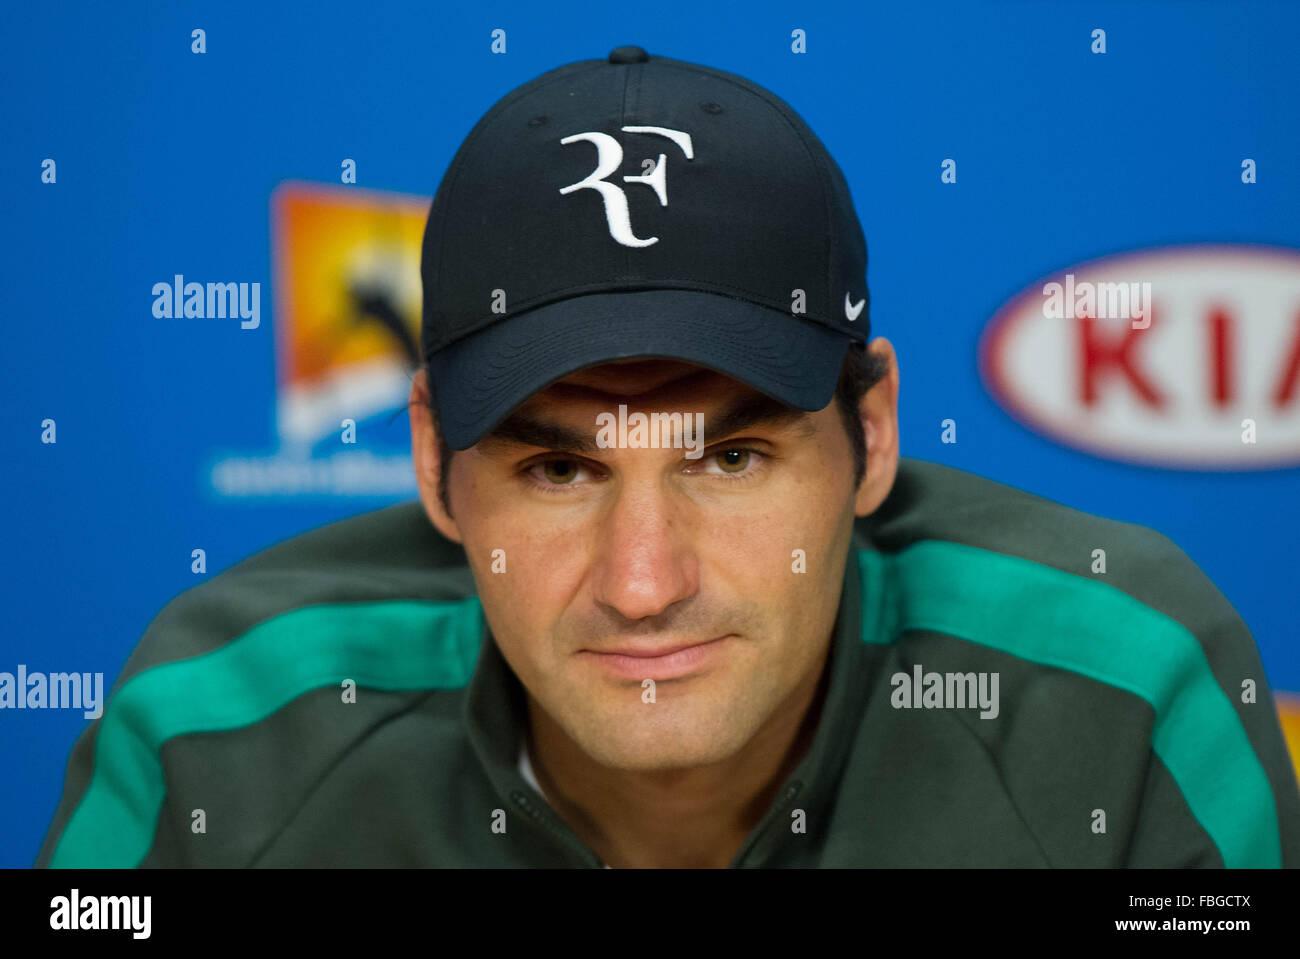 Jan Federer